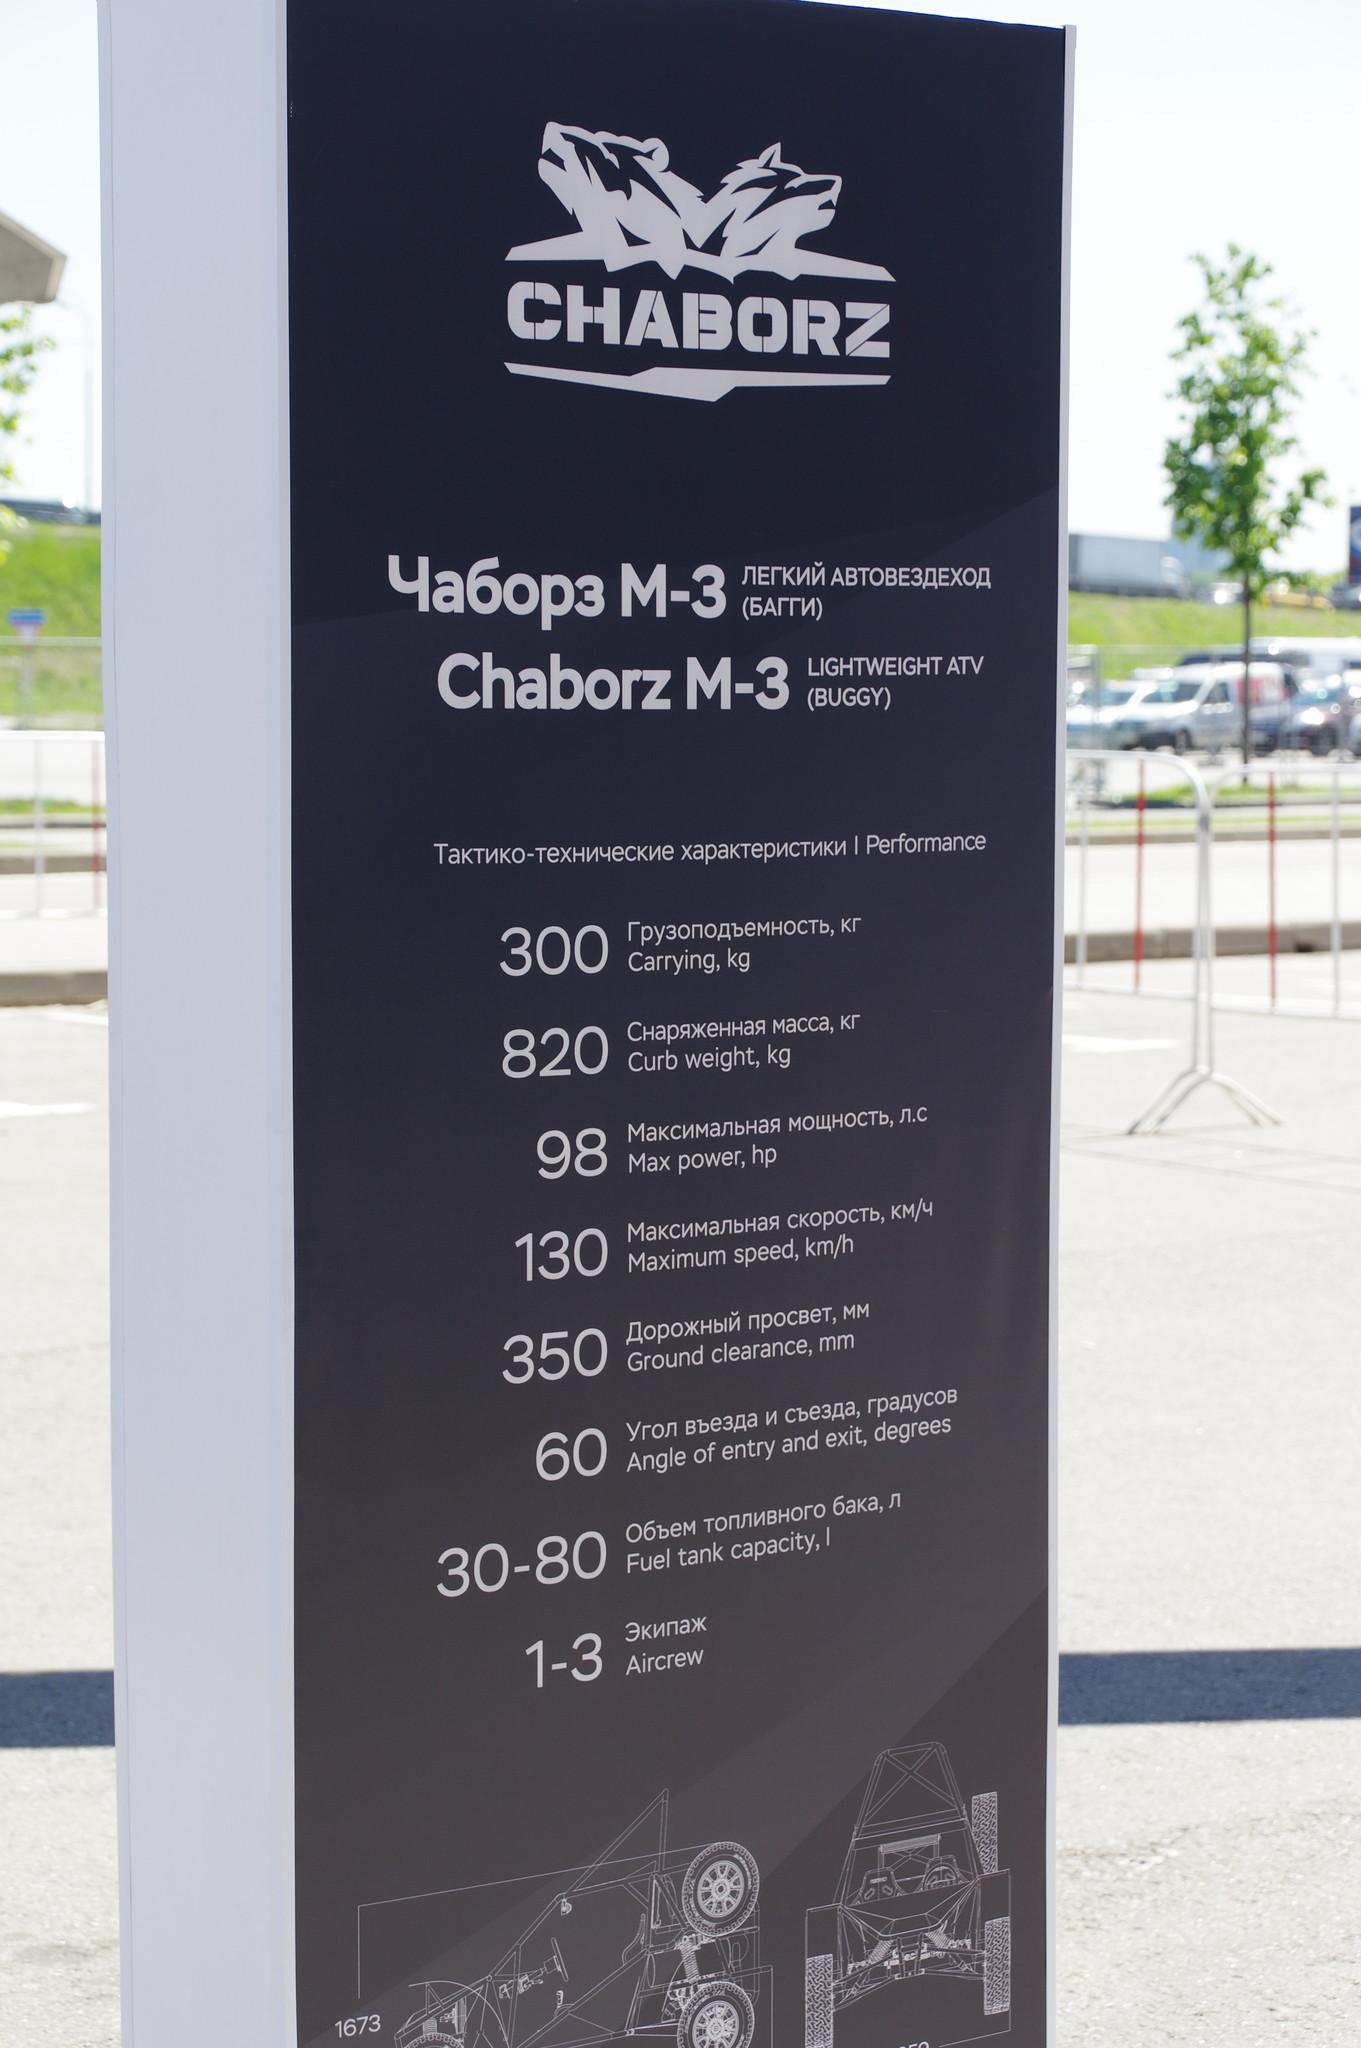 Лёгкий автовездеход Чаборз М-3 (багги)